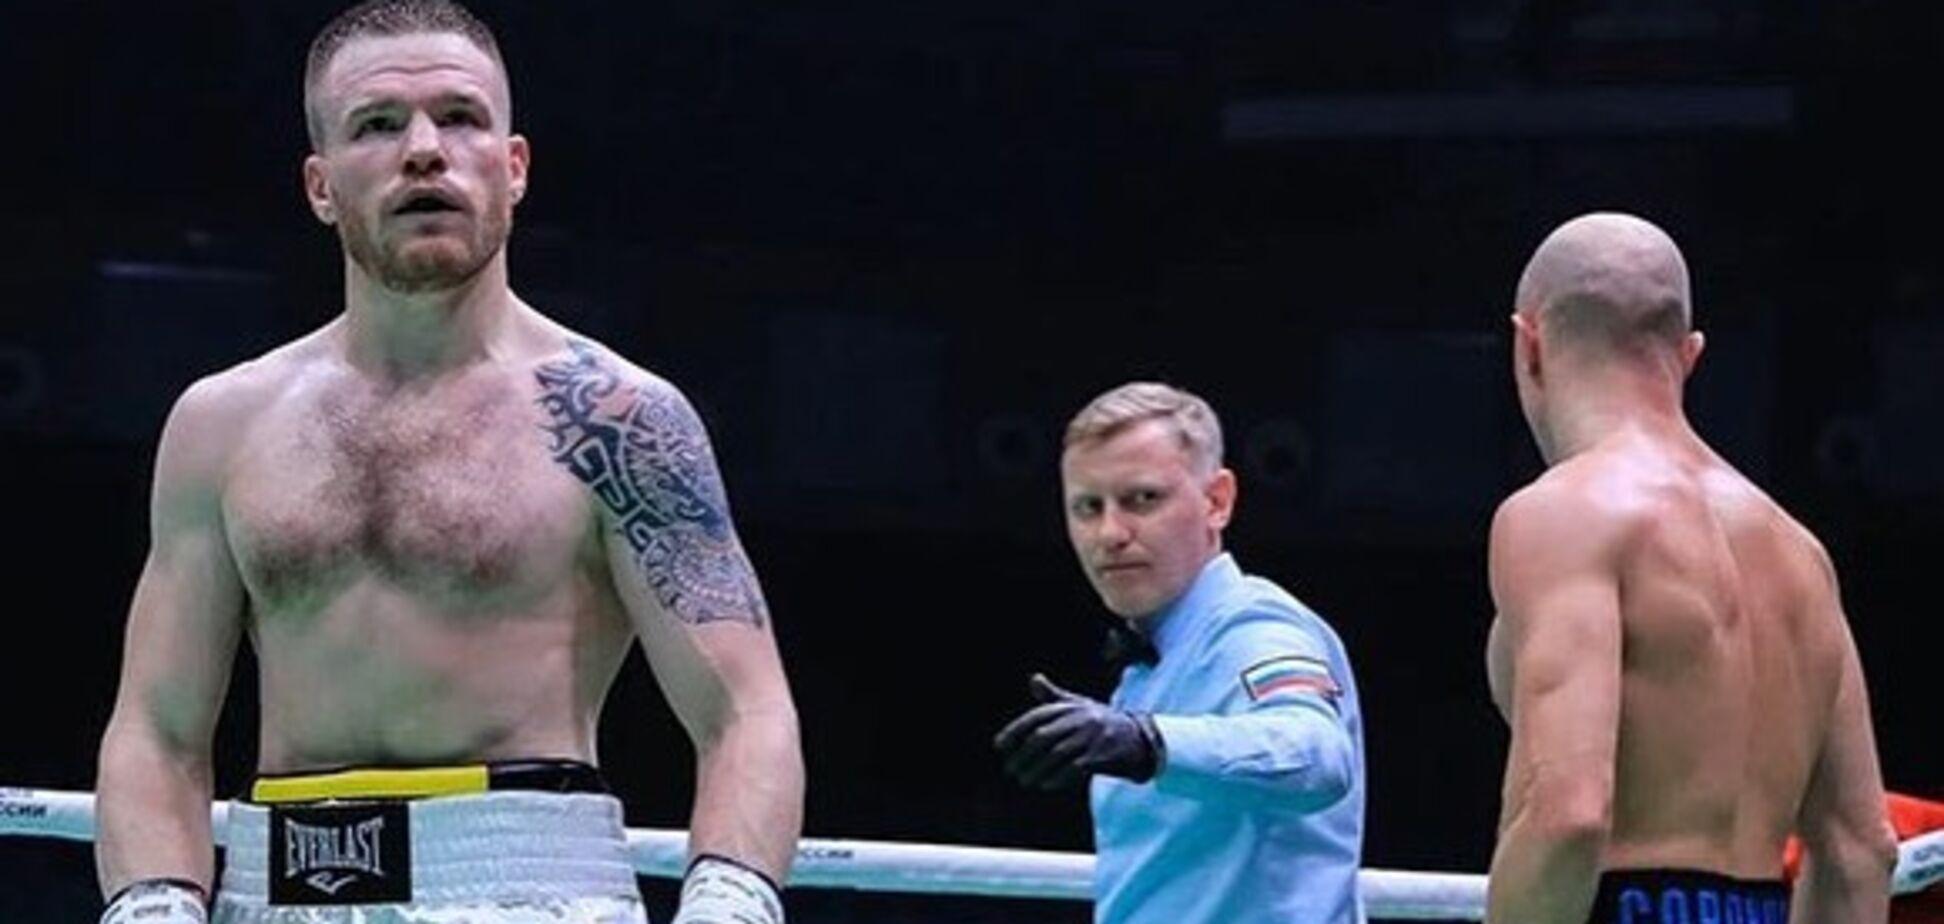 'Голову компостували': російський боксер-чемпіон обдурив про Крим і поплатився